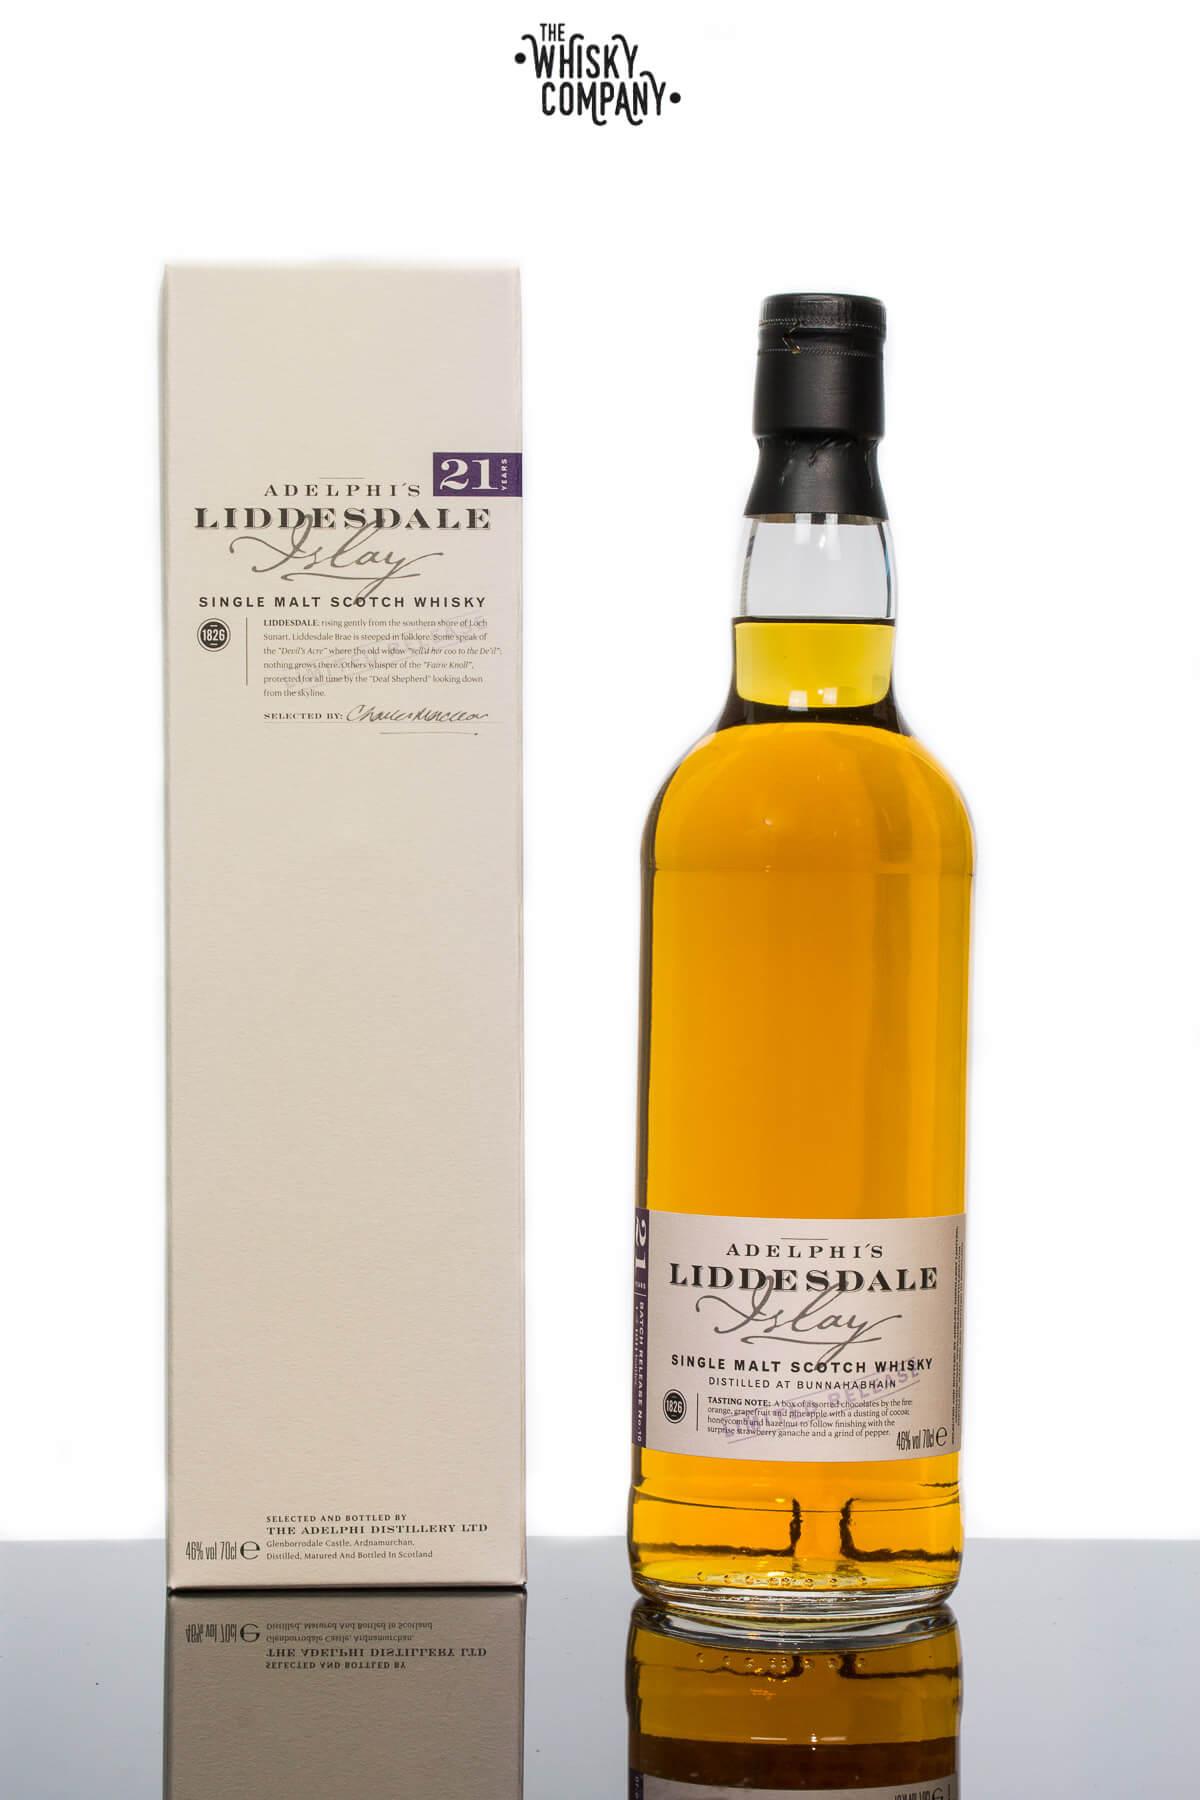 Adelphi Liddesdale Bunnahabhain 21 Years Old Single Malt Scotch Whisky